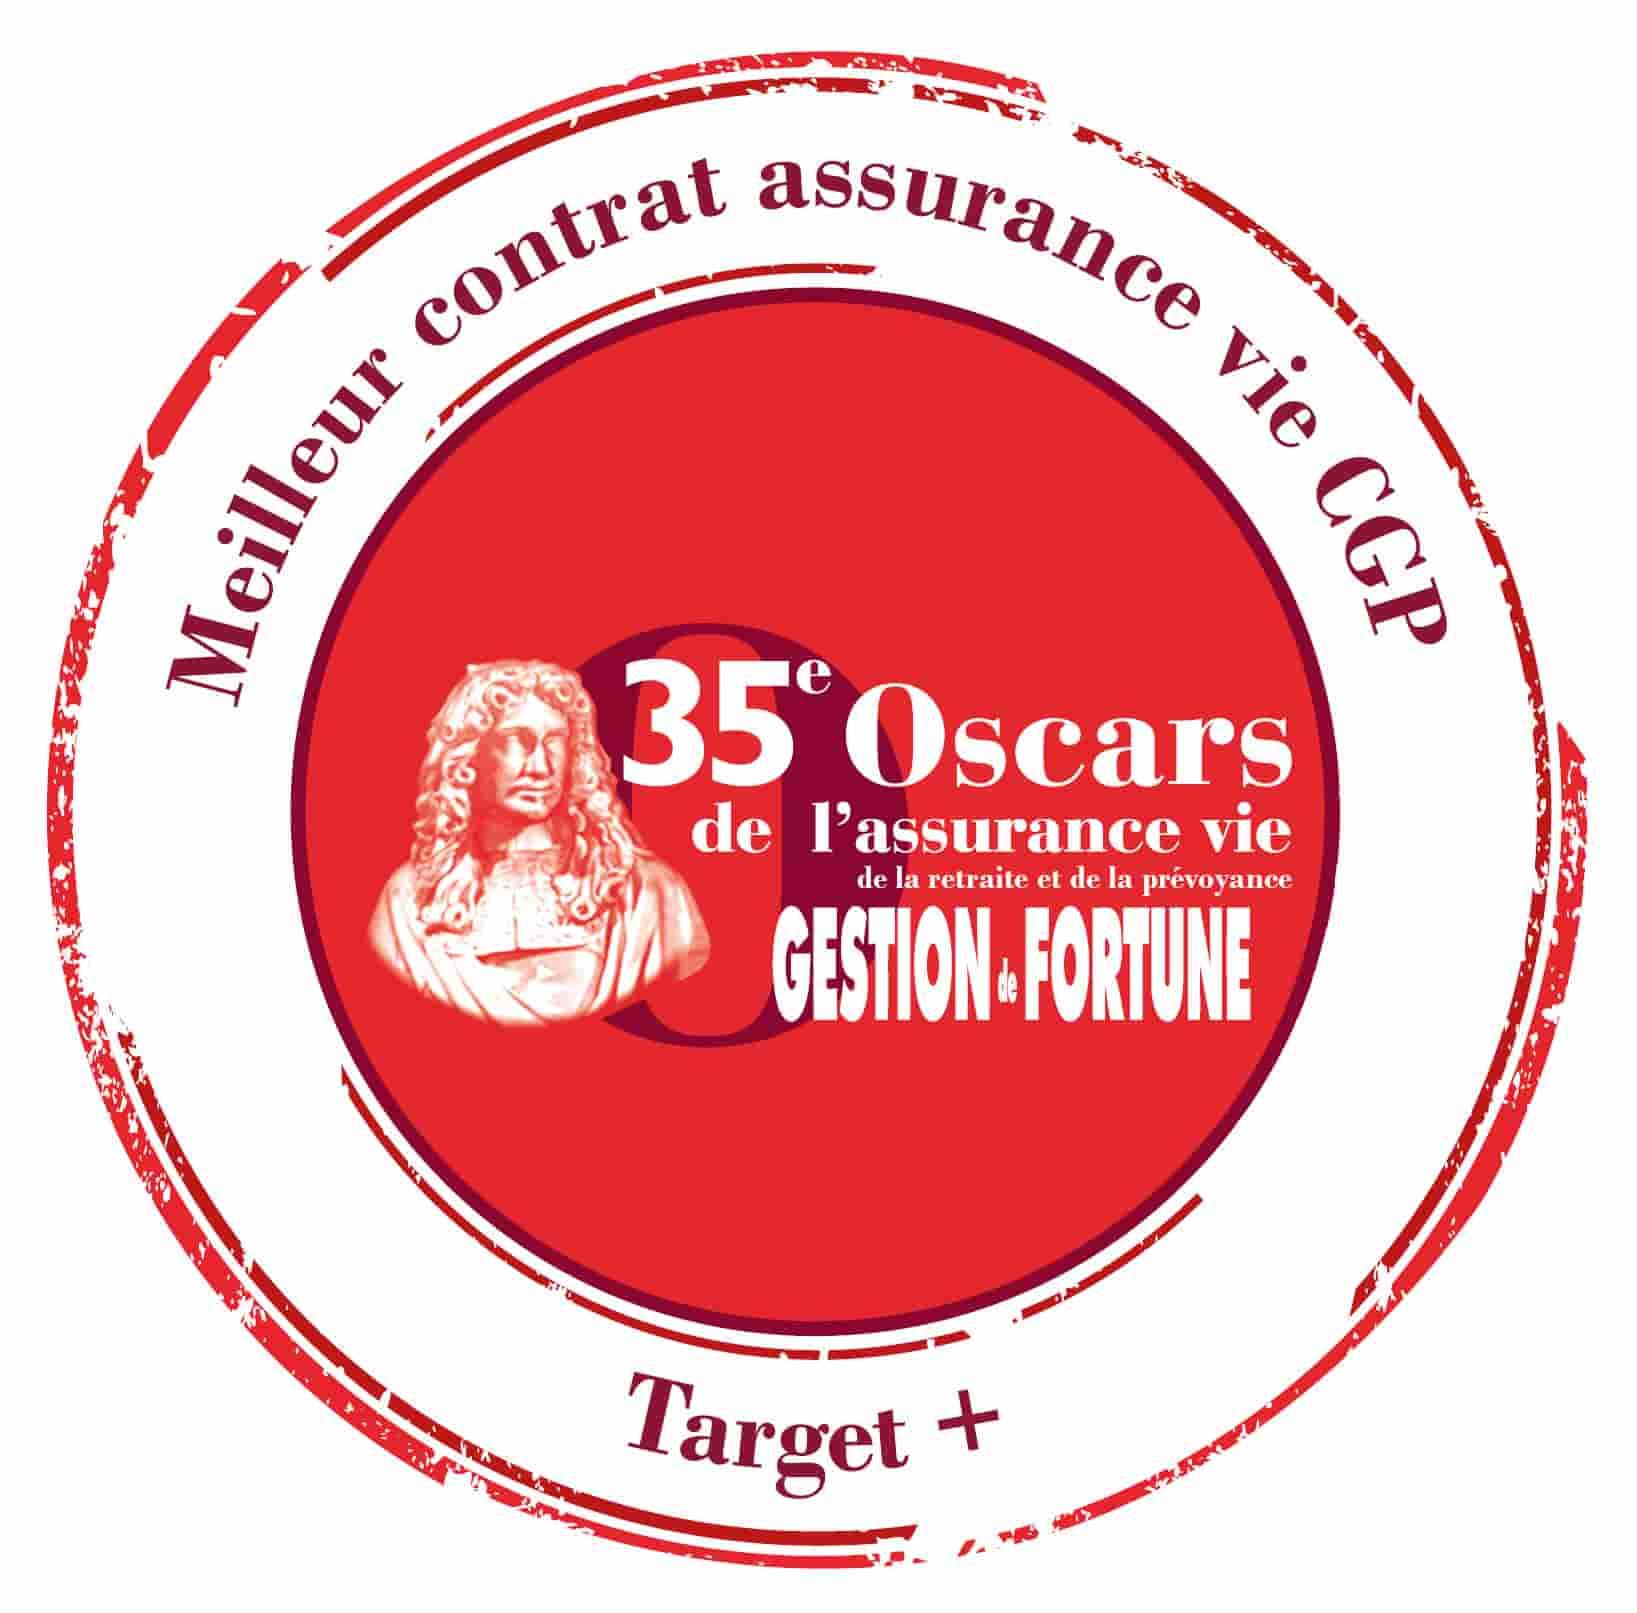 Logos-Oscars-2020-Target_-_assurancevie_CGP